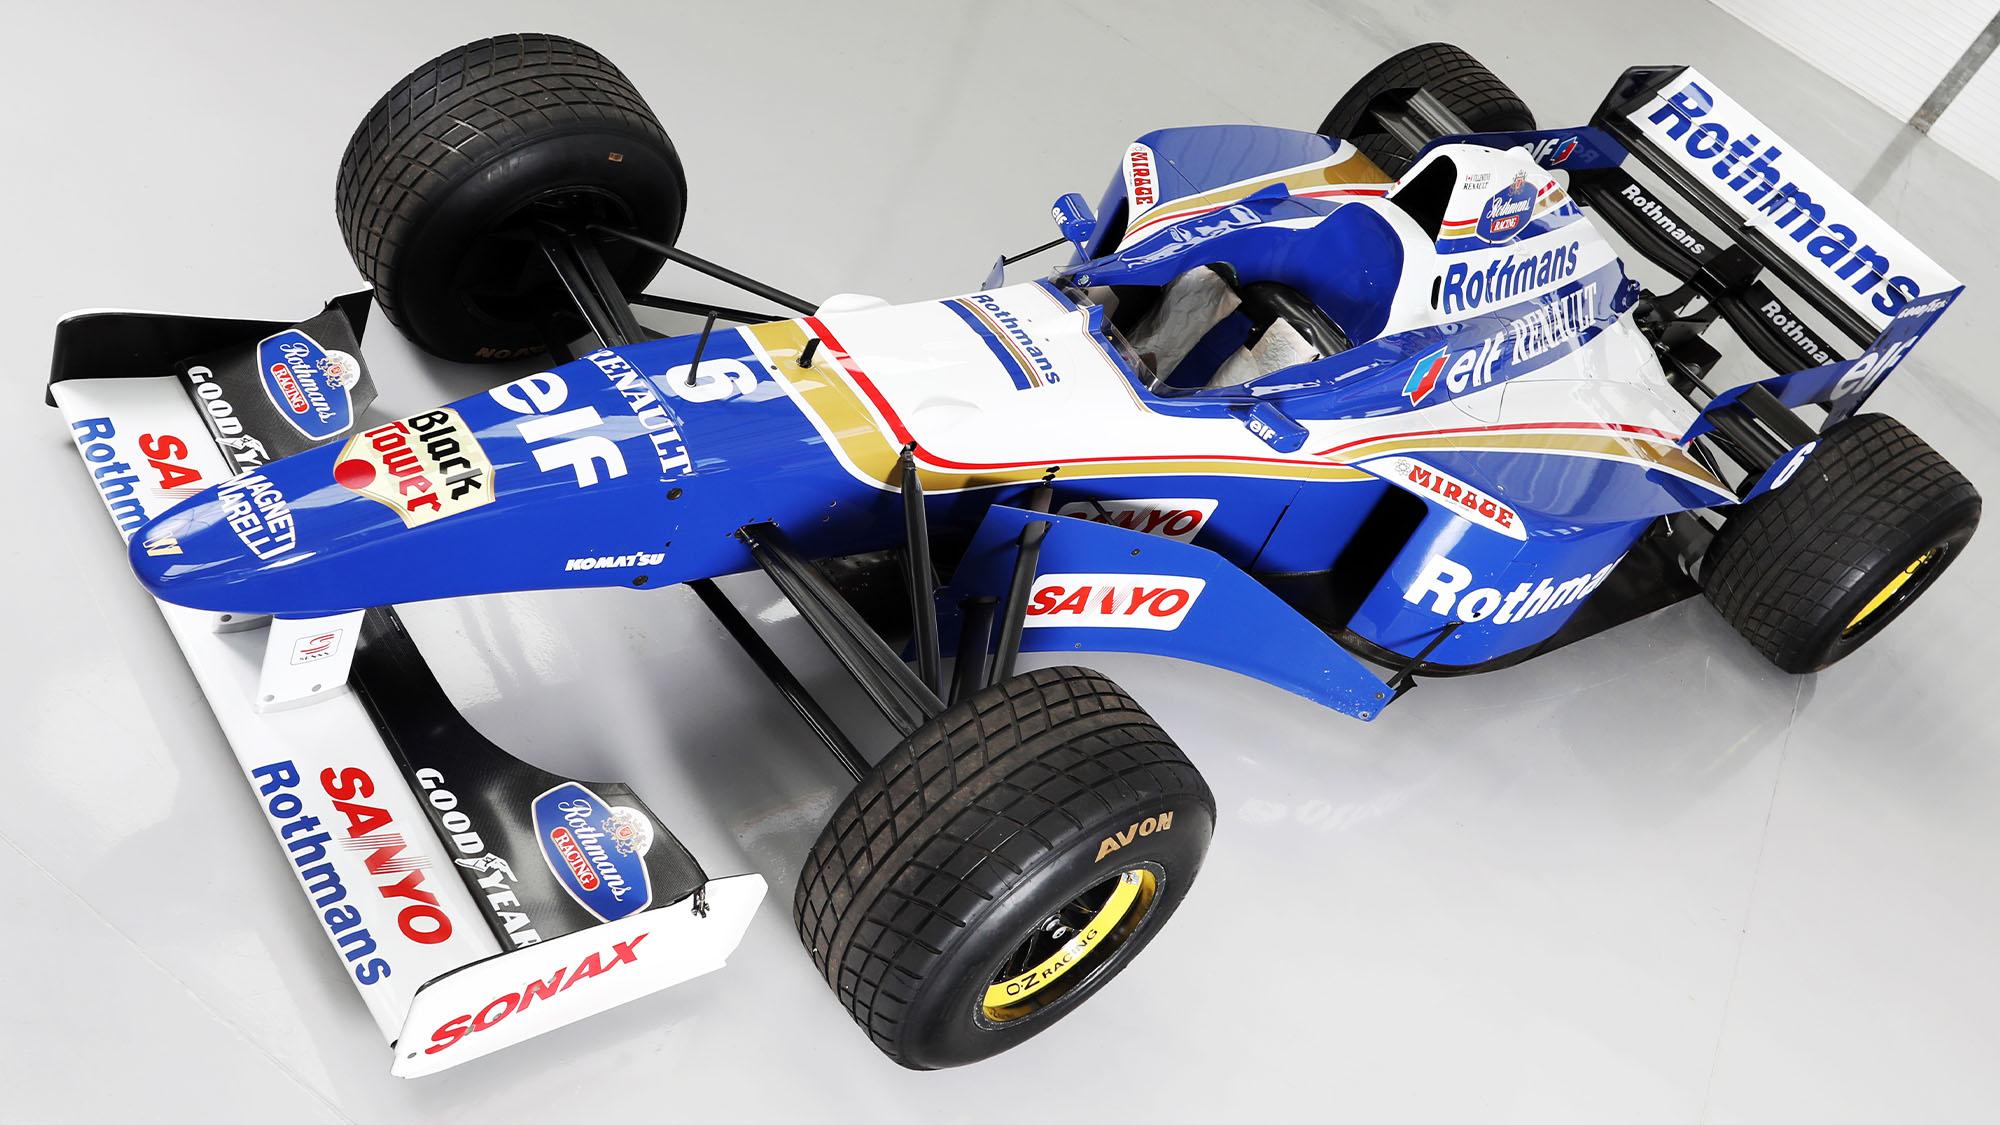 Jacques Villeneuve's Schumacher-conquering Williams F1 car up for sale